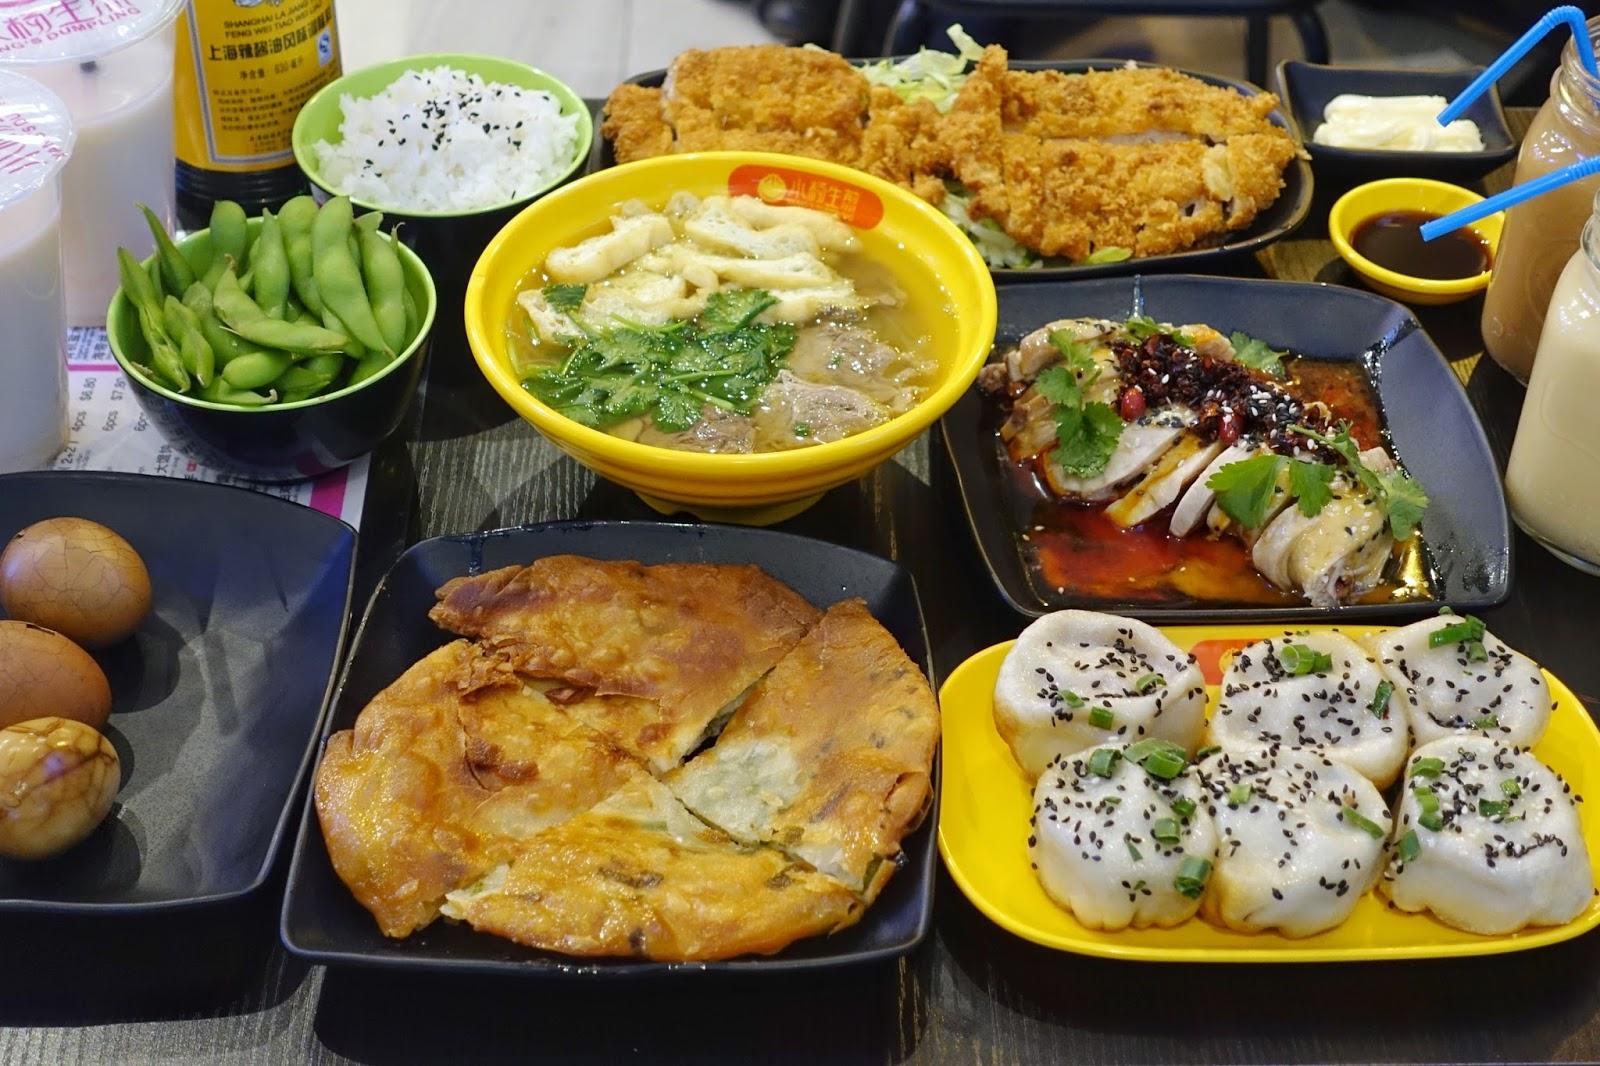 yang's dumpling new dine in restaurant opened in sydney